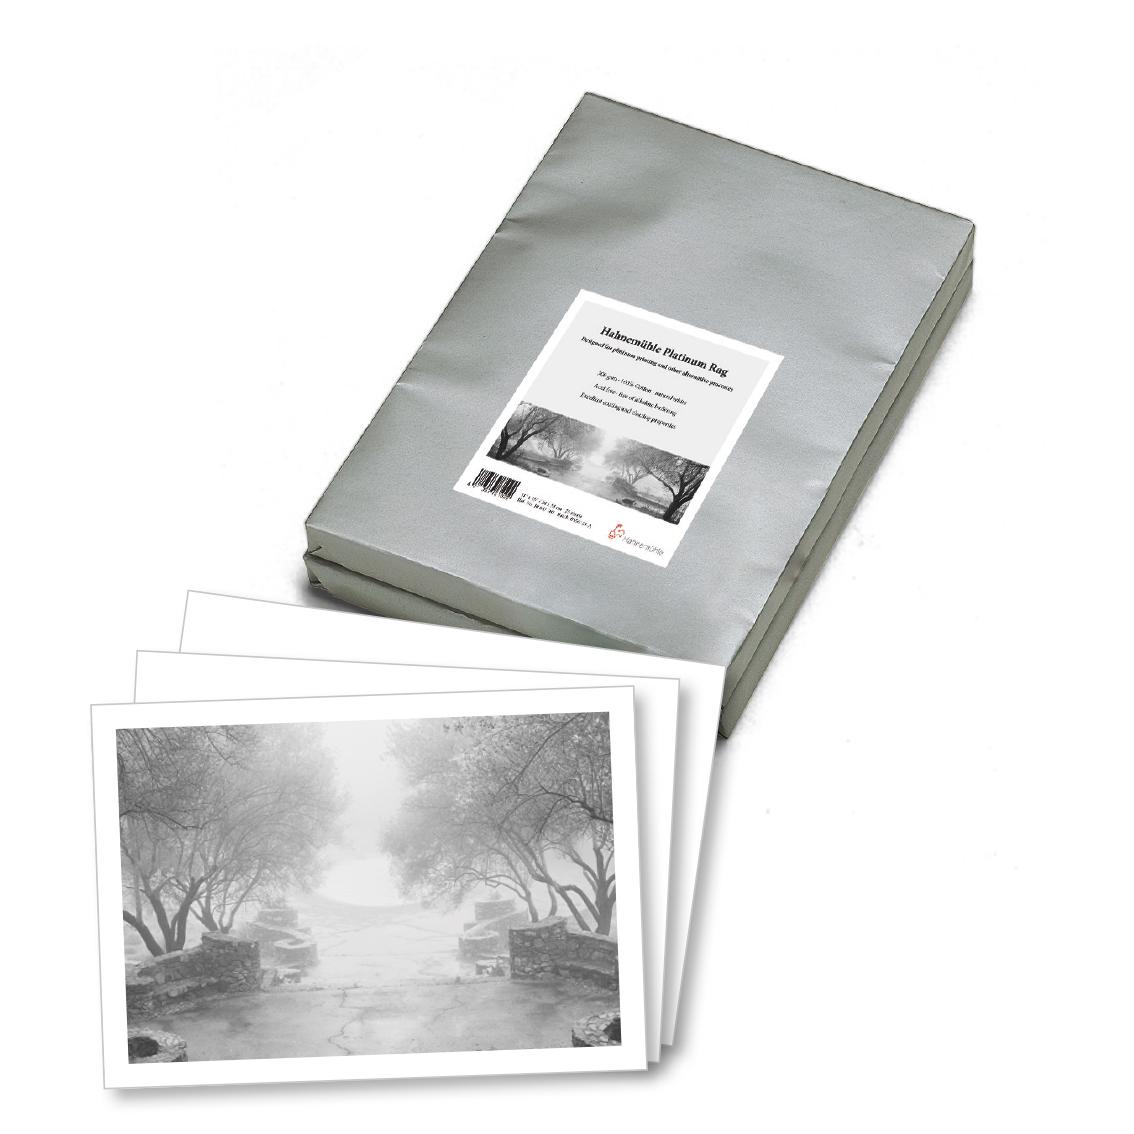 platinum-rag-product-image-for-websites.jpg